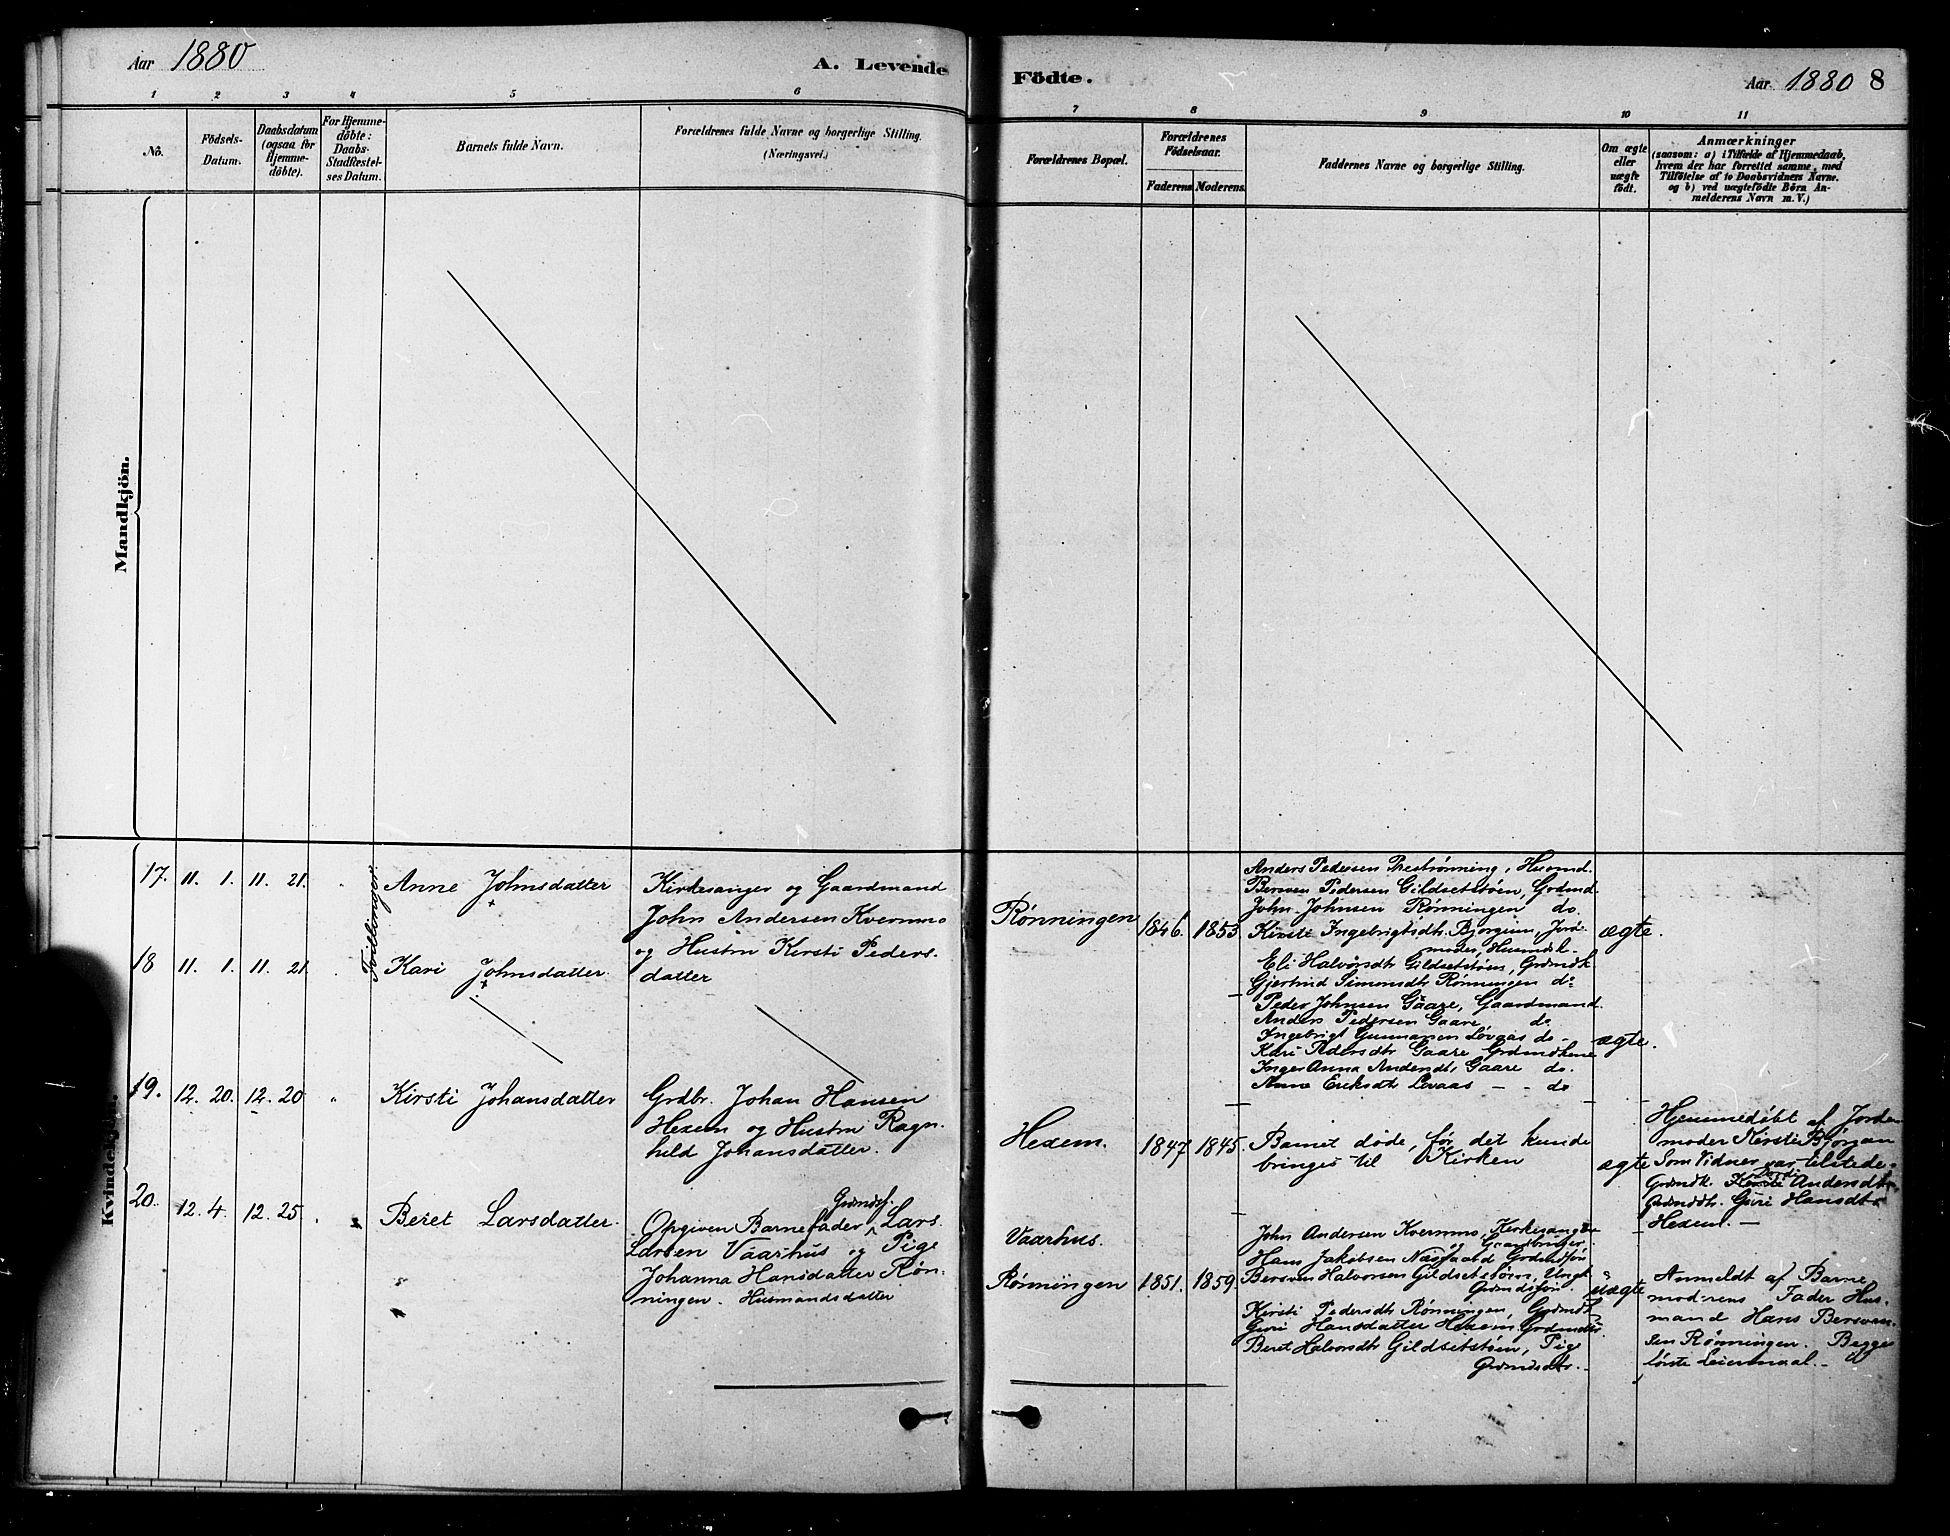 SAT, Ministerialprotokoller, klokkerbøker og fødselsregistre - Sør-Trøndelag, 685/L0972: Ministerialbok nr. 685A09, 1879-1890, s. 8